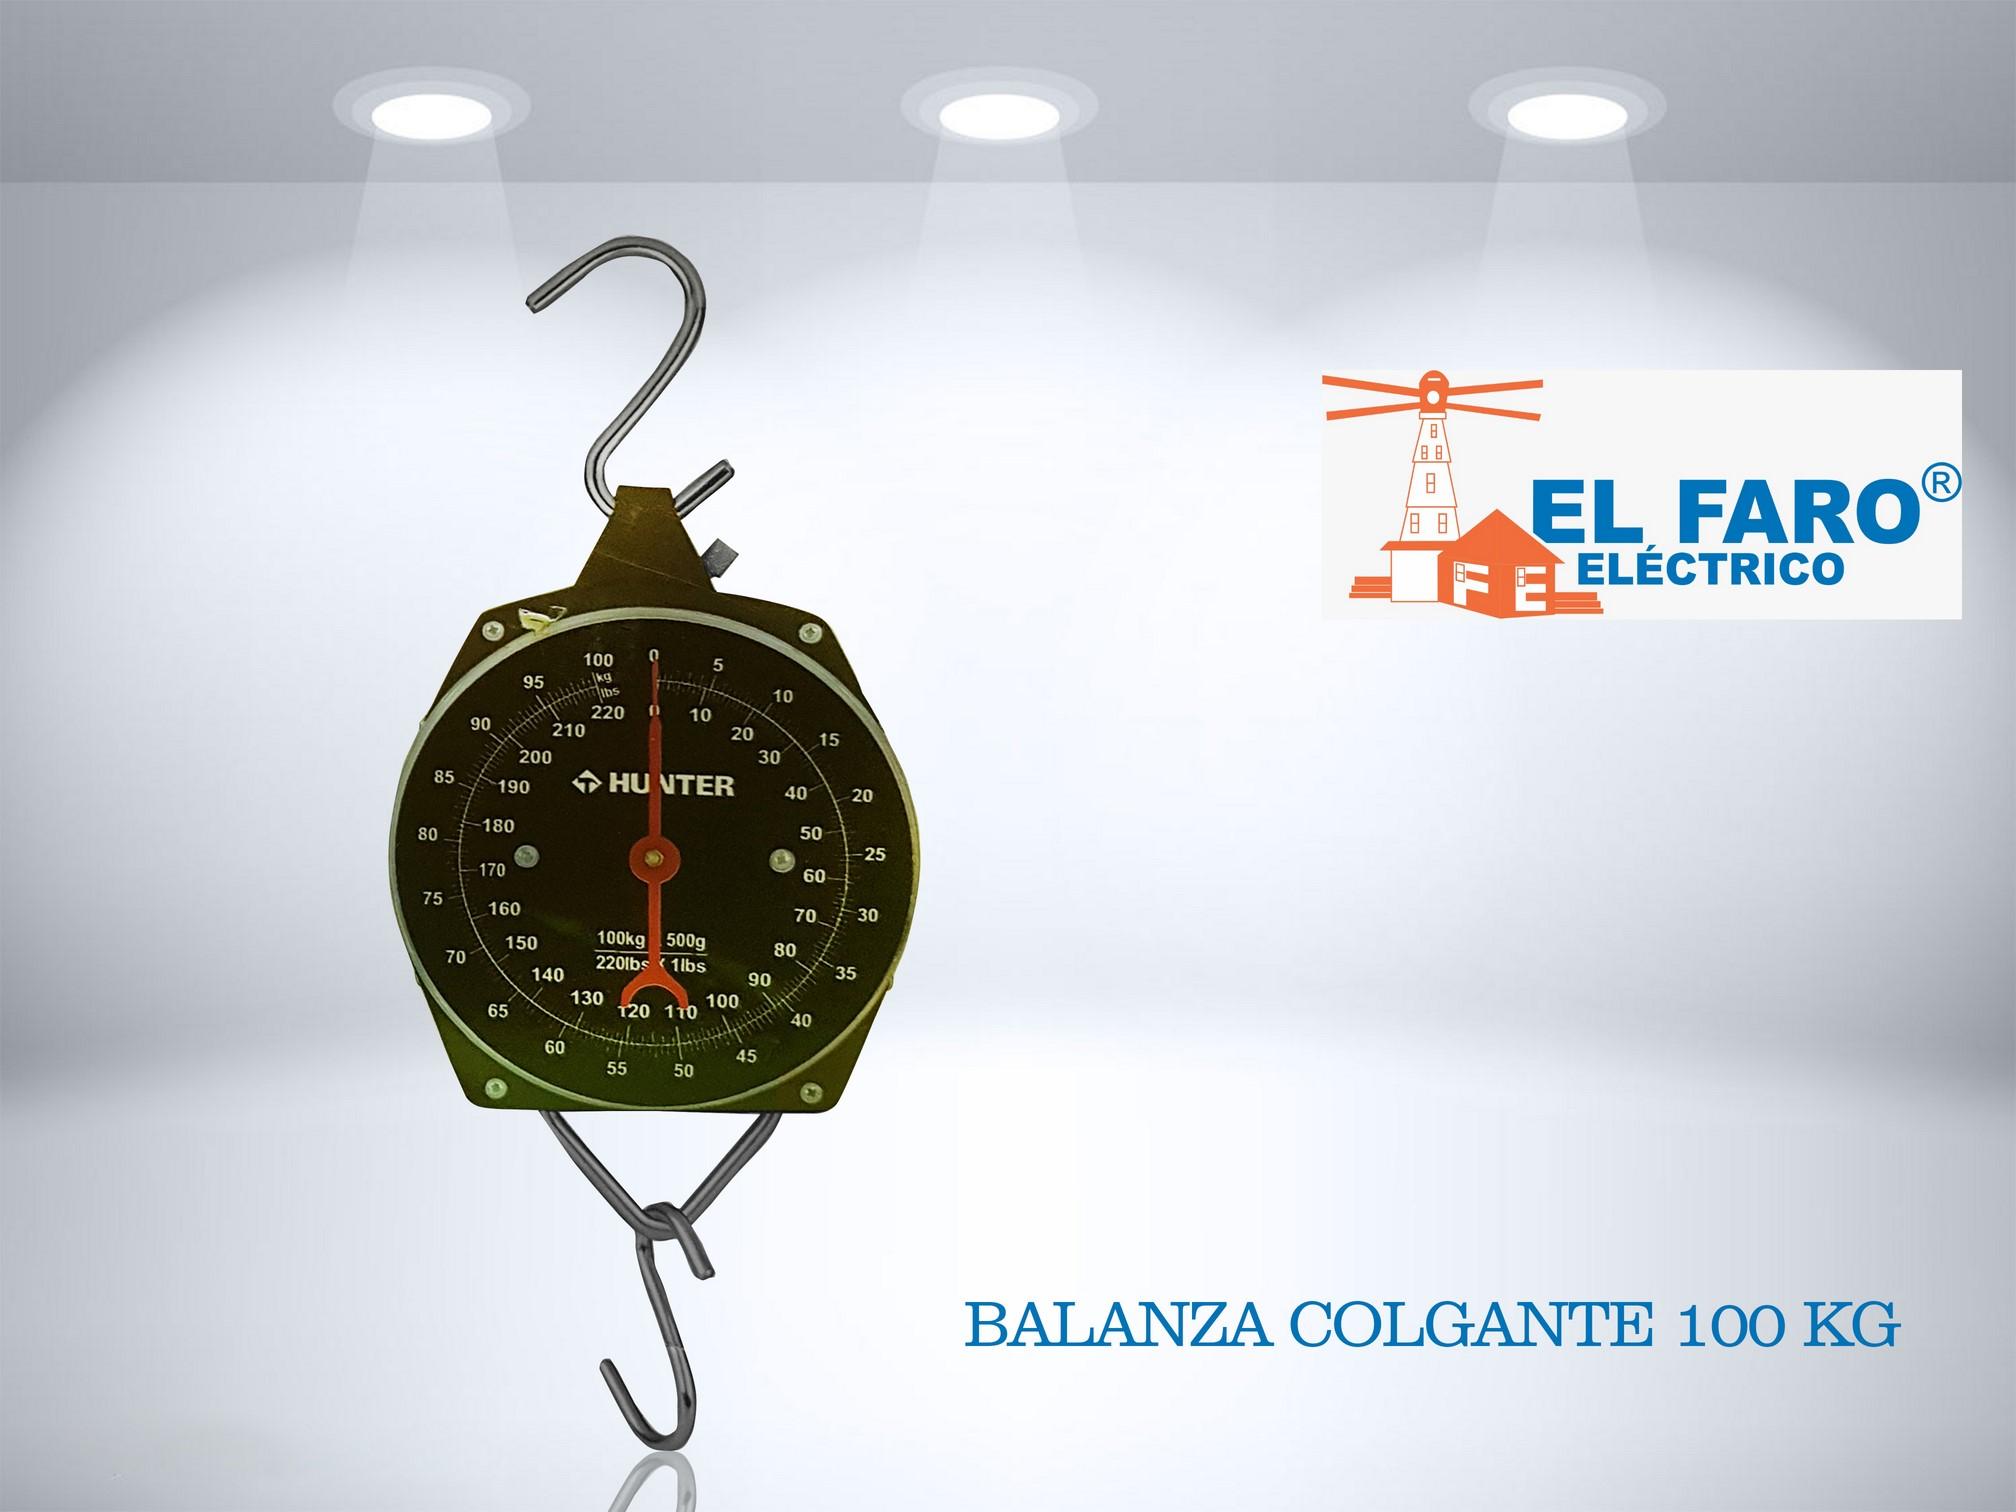 Balanza colgante